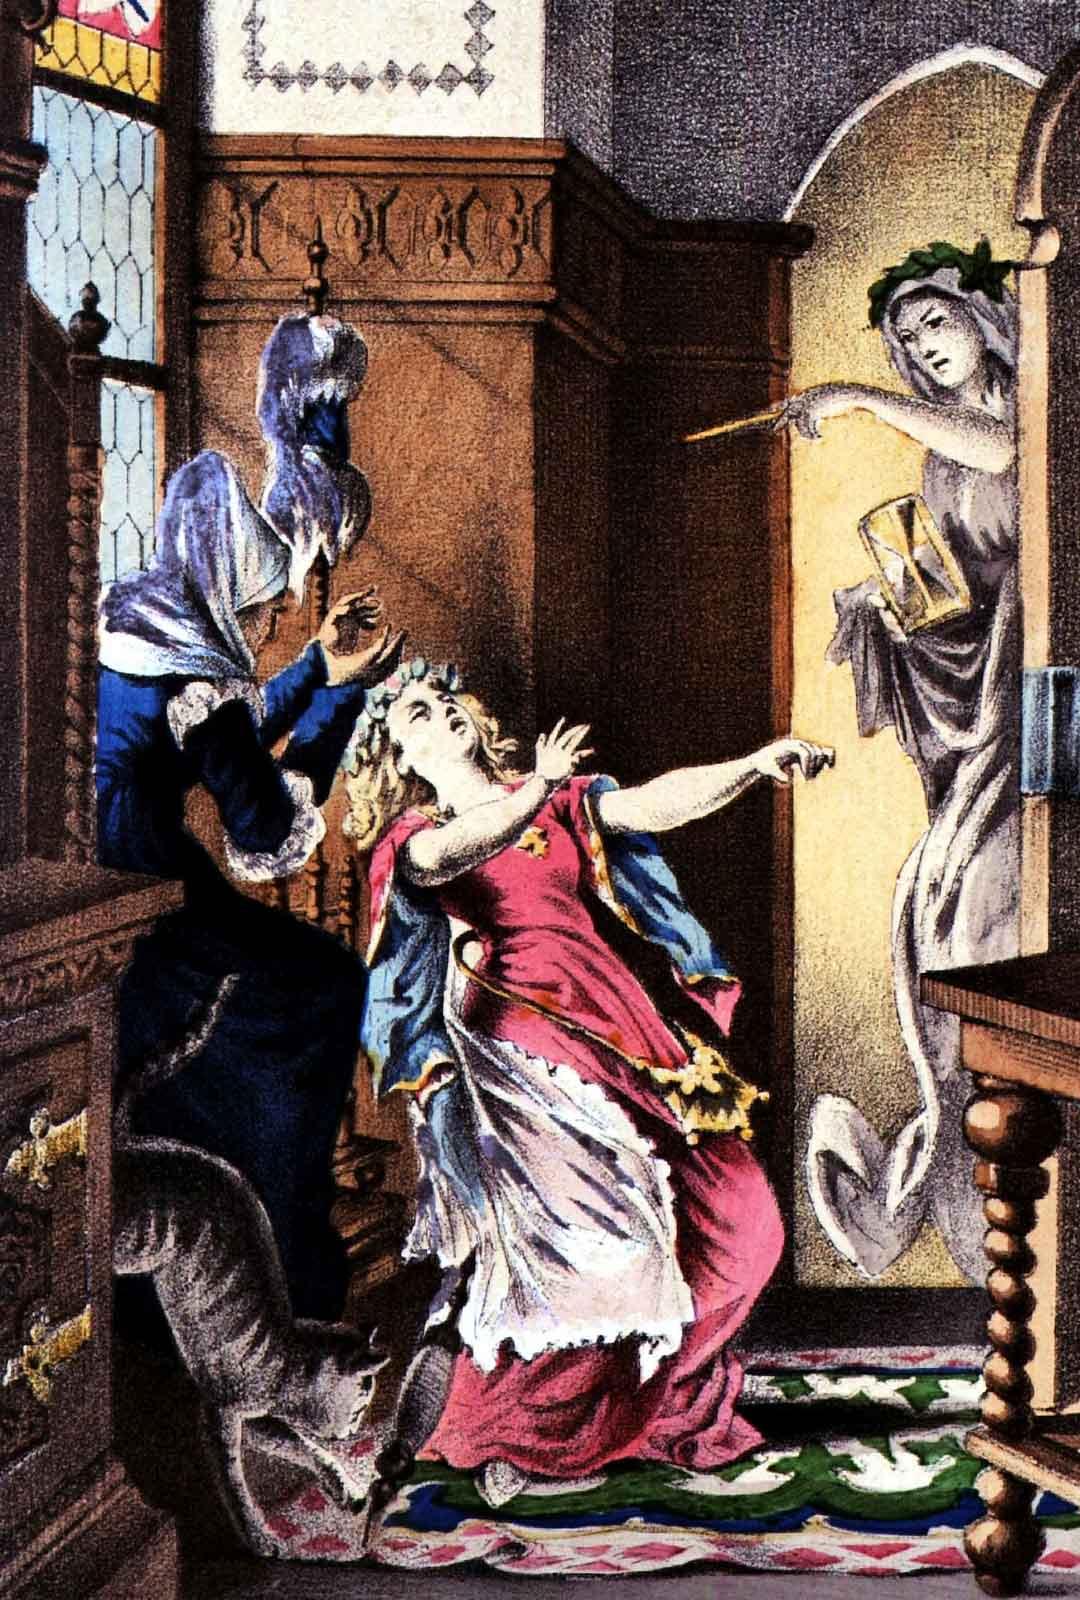 Prinsessa Ruusunen tainnutetaan koomaan, josta vain se oikea prinssi voi hänet herättää. Tarinan italialaisissa versioissa nukkuva prinsessa myös raiskataan. Ranskalaisessa versiossa prinsessan paha anoppi yrittää teurastaa Ruususen lapset eli omat lapsenlapsensa.